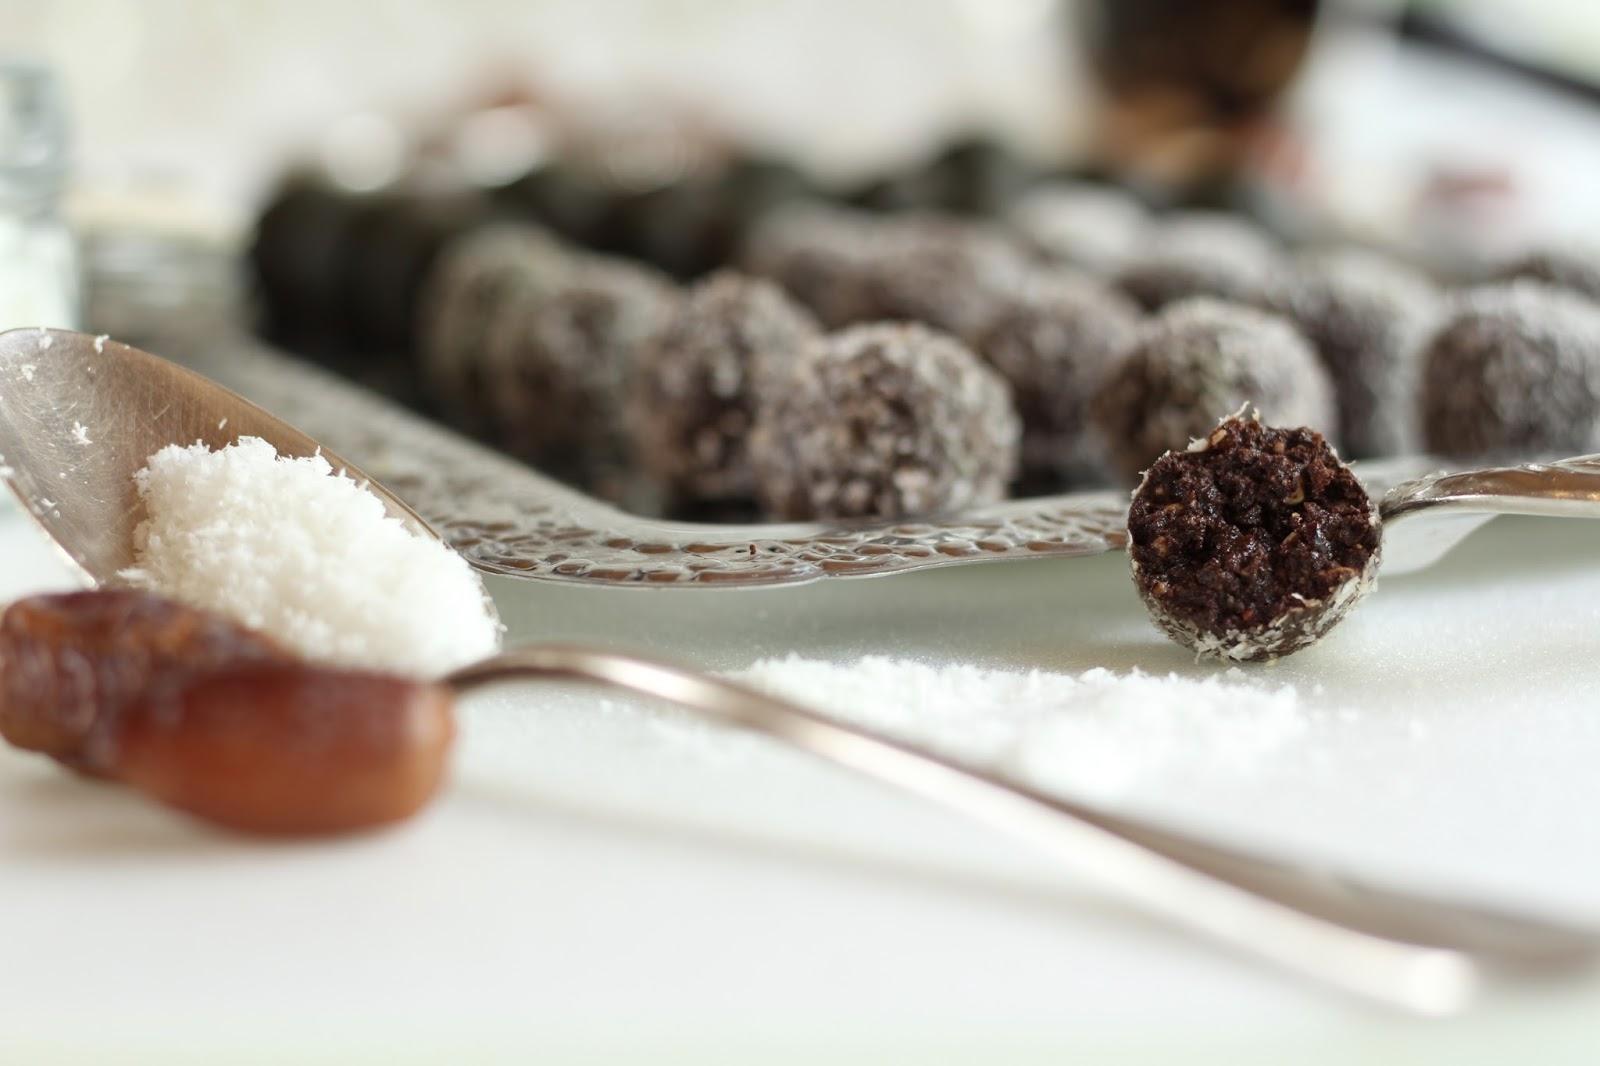 Schokoladenpralinen mit Kokos und Matcha - ohne raffinierten Zucker